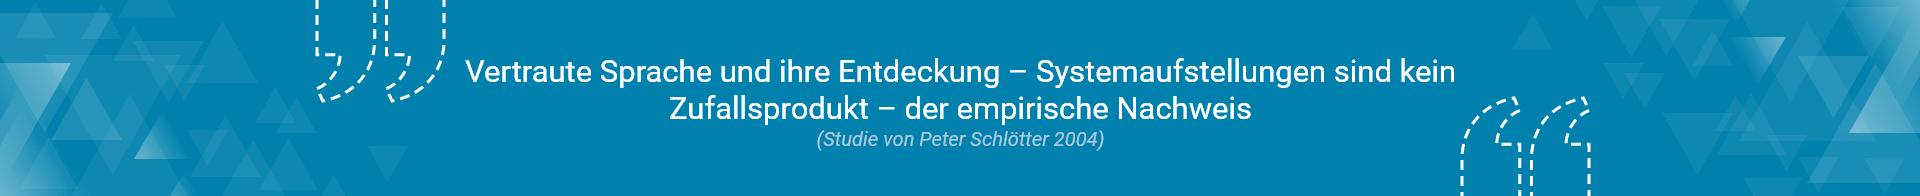 Vertraute Sprache und ihre Entdeckung – Systemaufstellungen sind kein Zufallsprodukt – der empirische Nachweis (Studie von Peter Schlötter 2004)